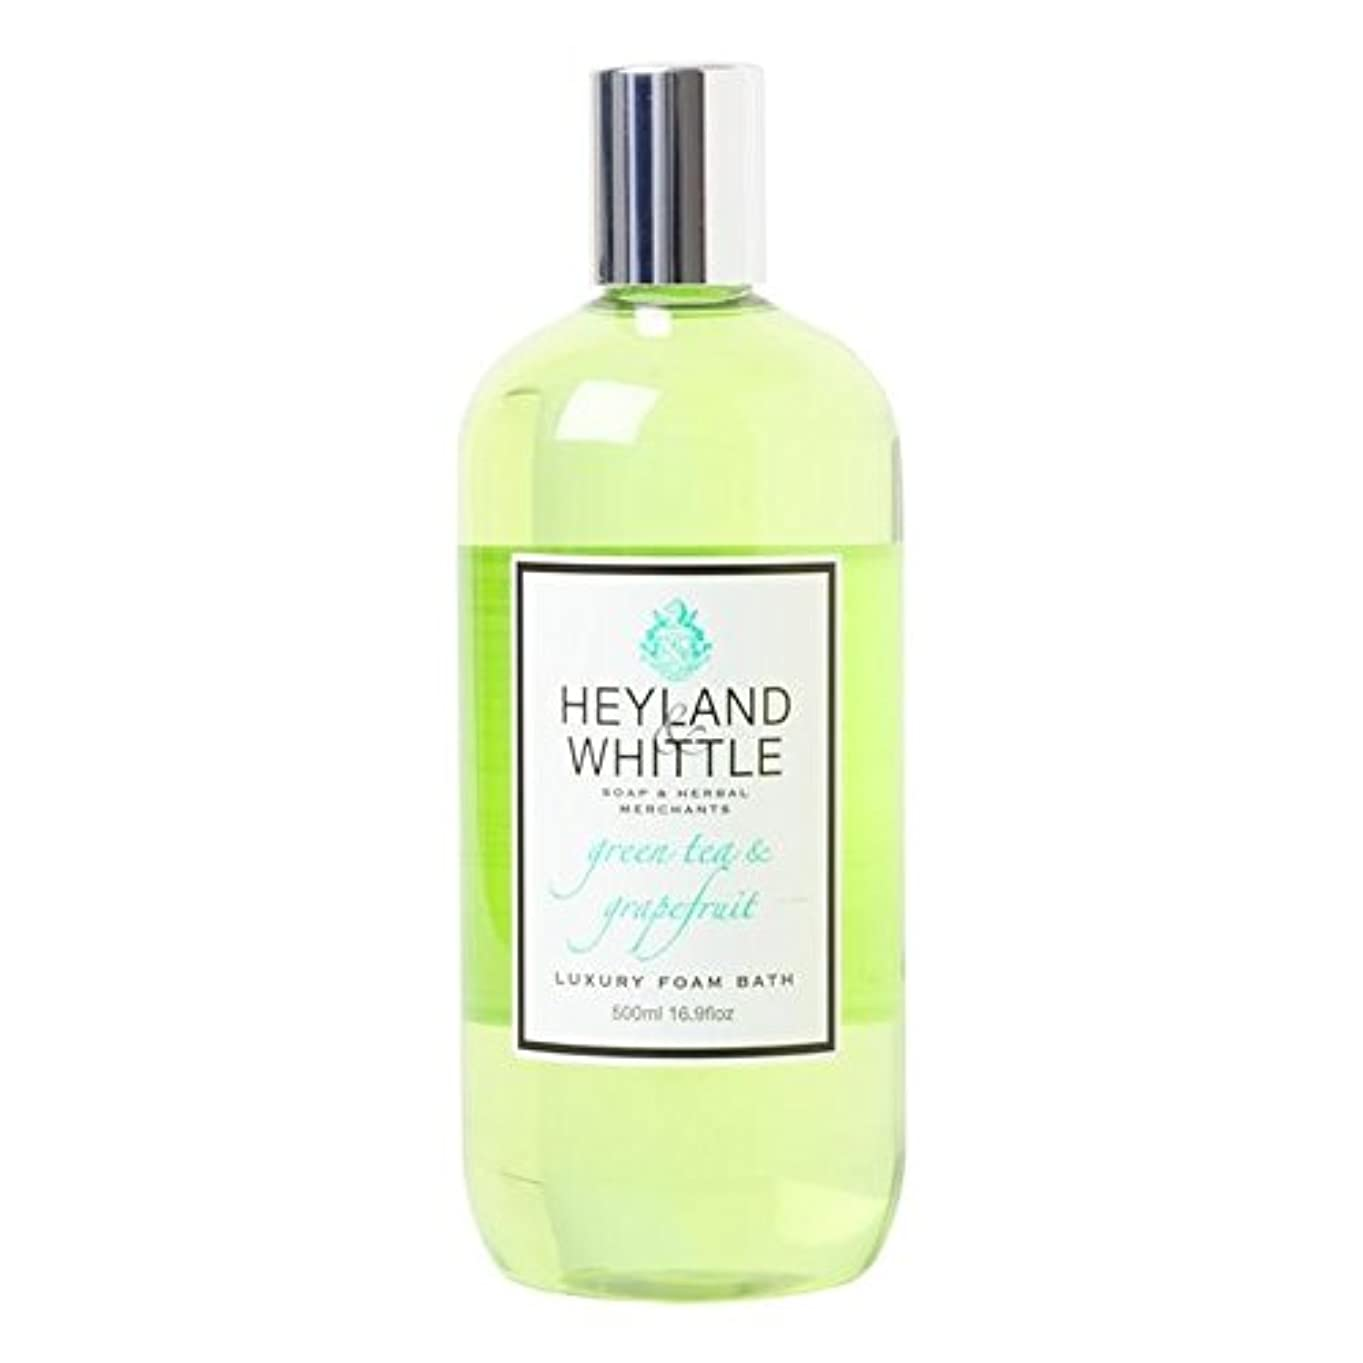 適性あいまいさ神経衰弱&削るグリーンティ&グレープフルーツ泡風呂500ミリリットル x2 - Heyland & Whittle Greentea & Grapefruit Foam Bath 500ml (Pack of 2) [並行輸入品]